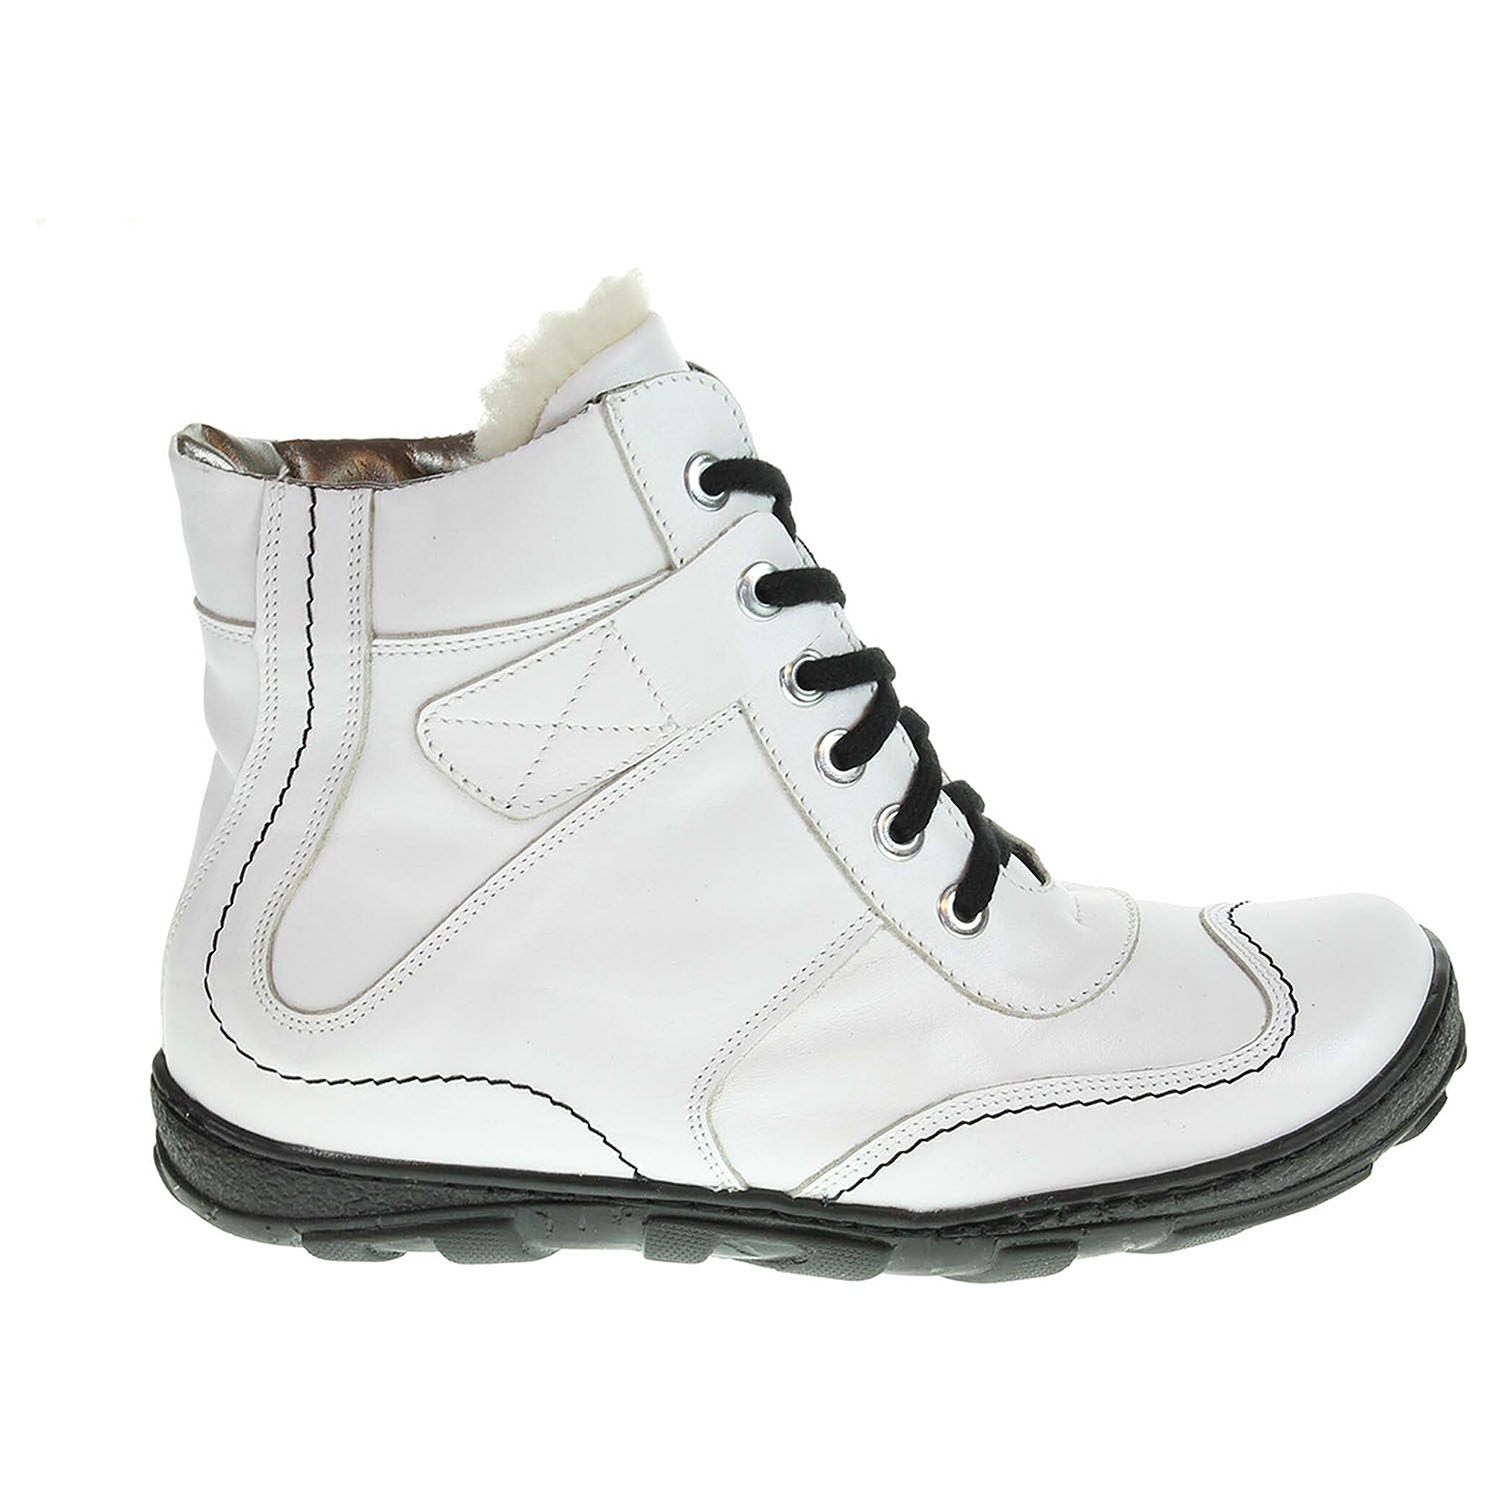 Ecco Dámská kotníková obuv 1212 bílá 22400534